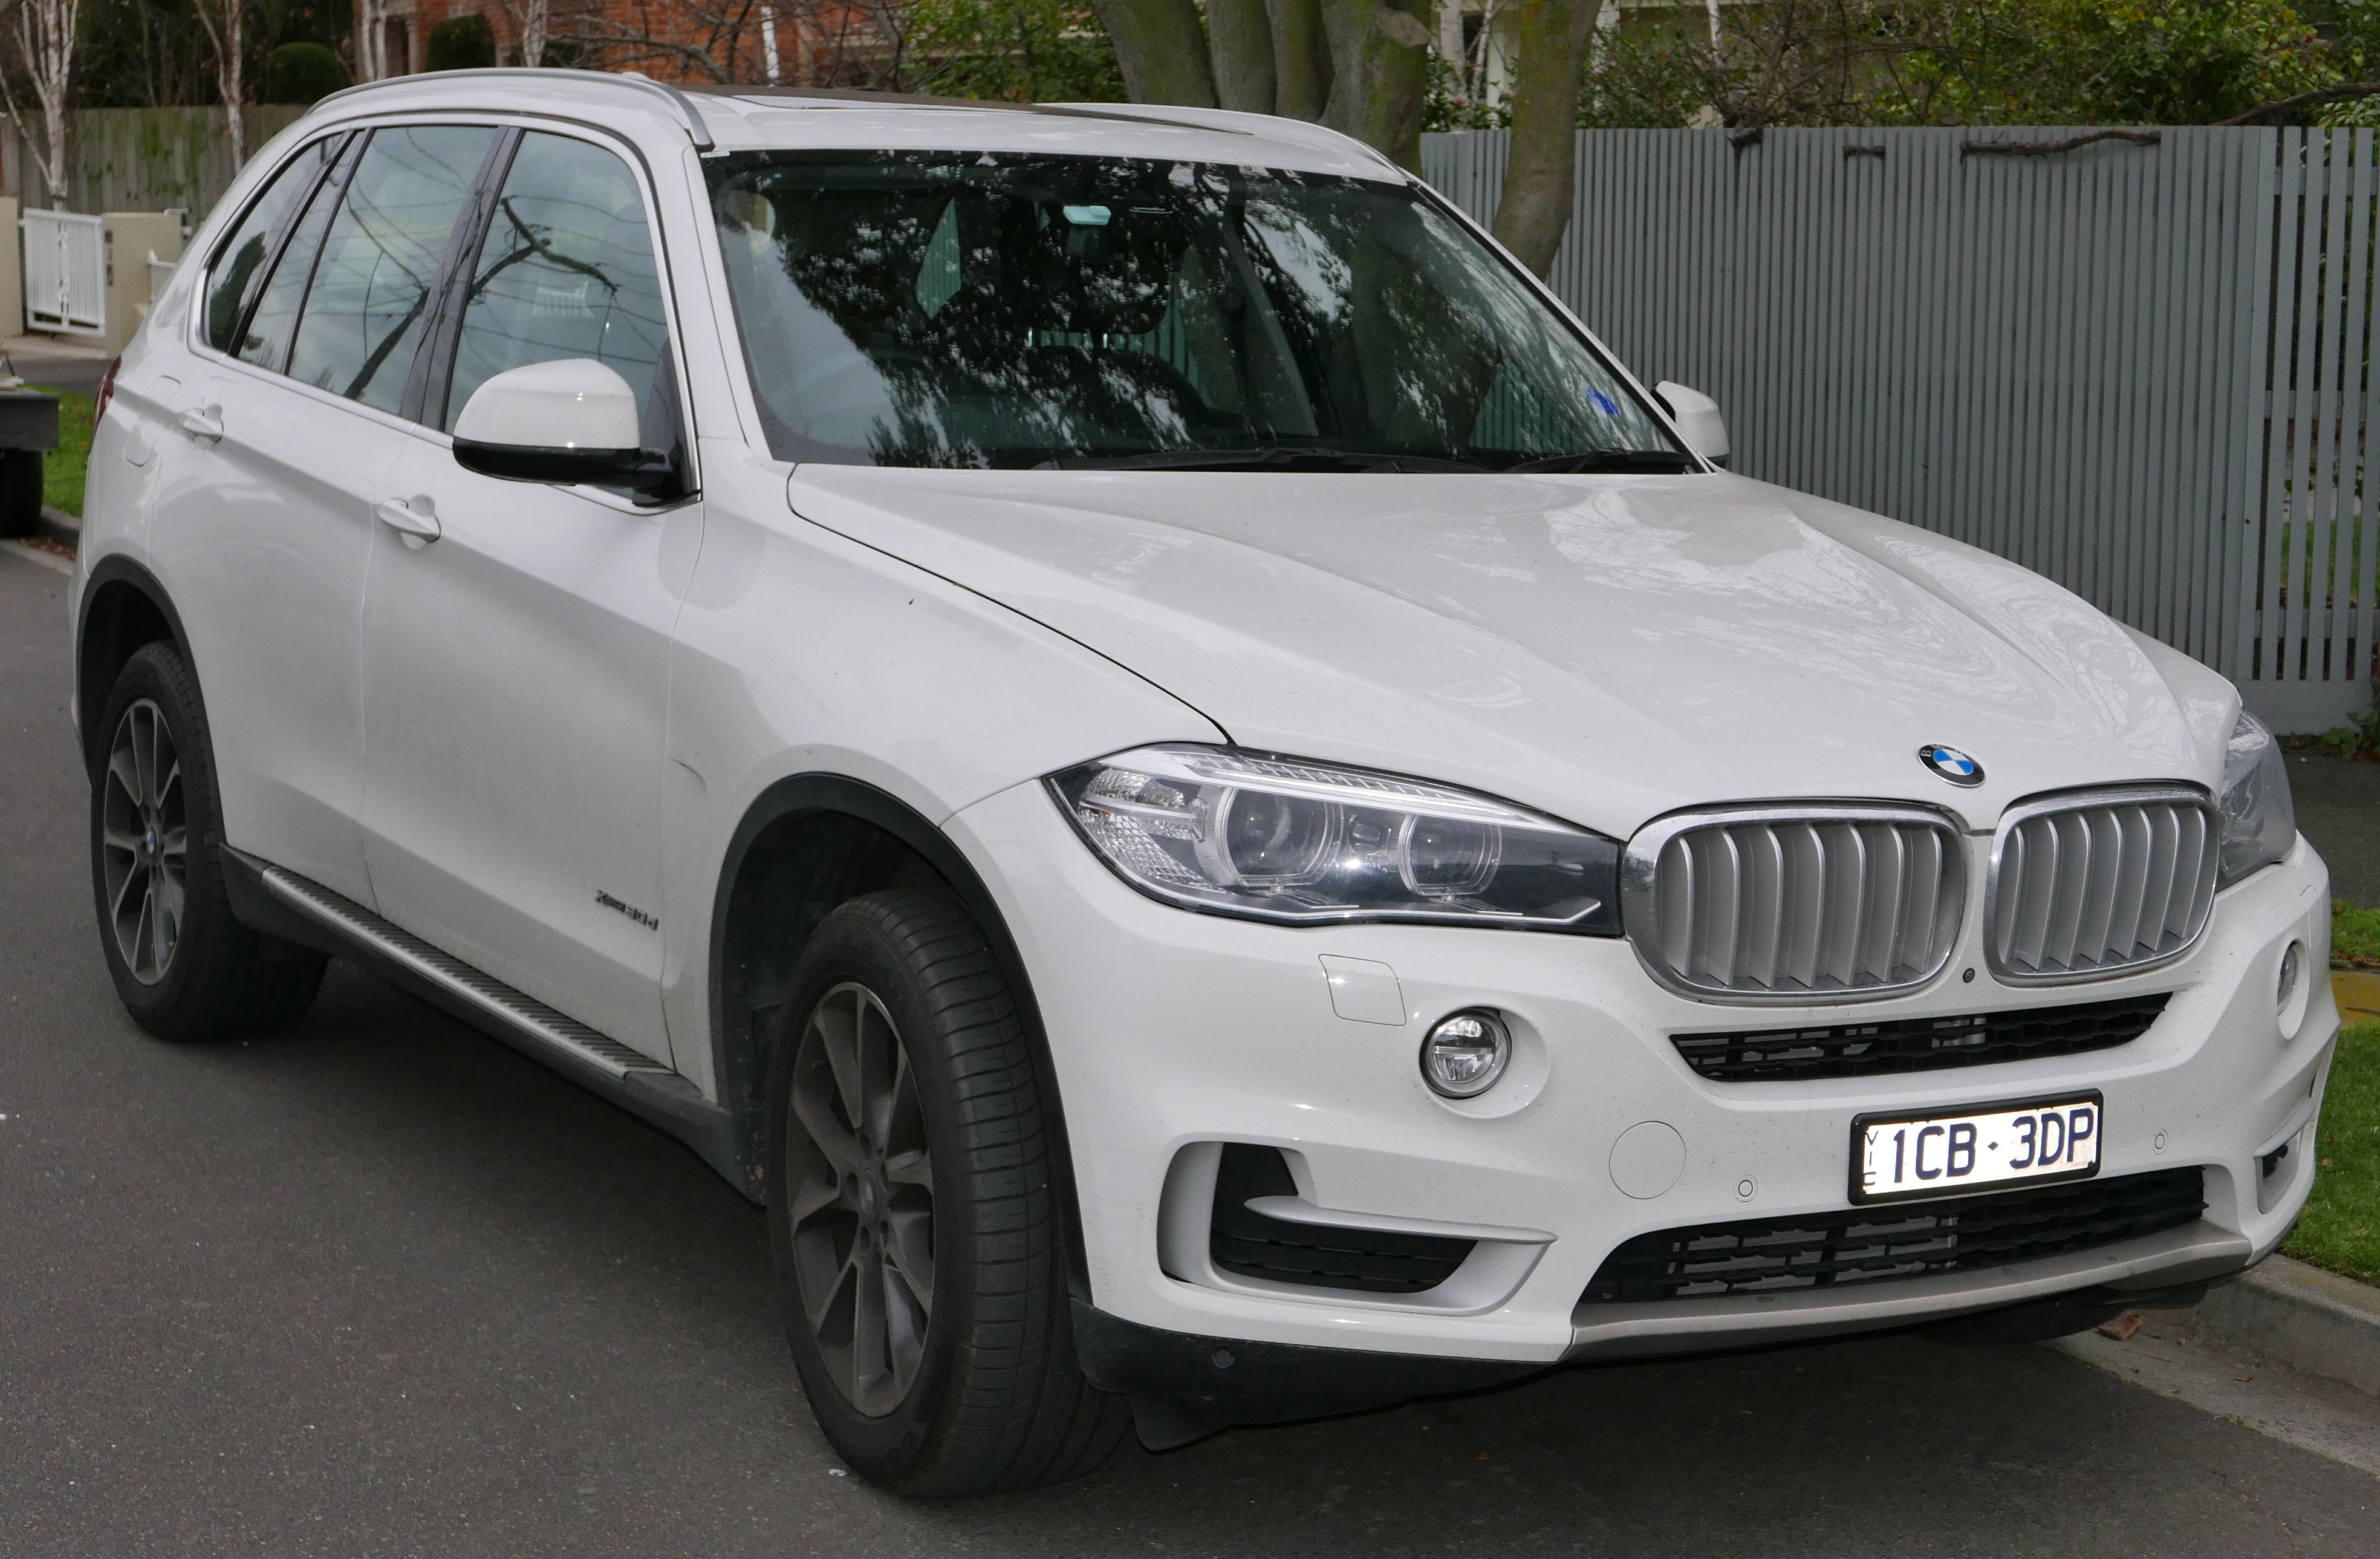 BMW X5 Wikiwand